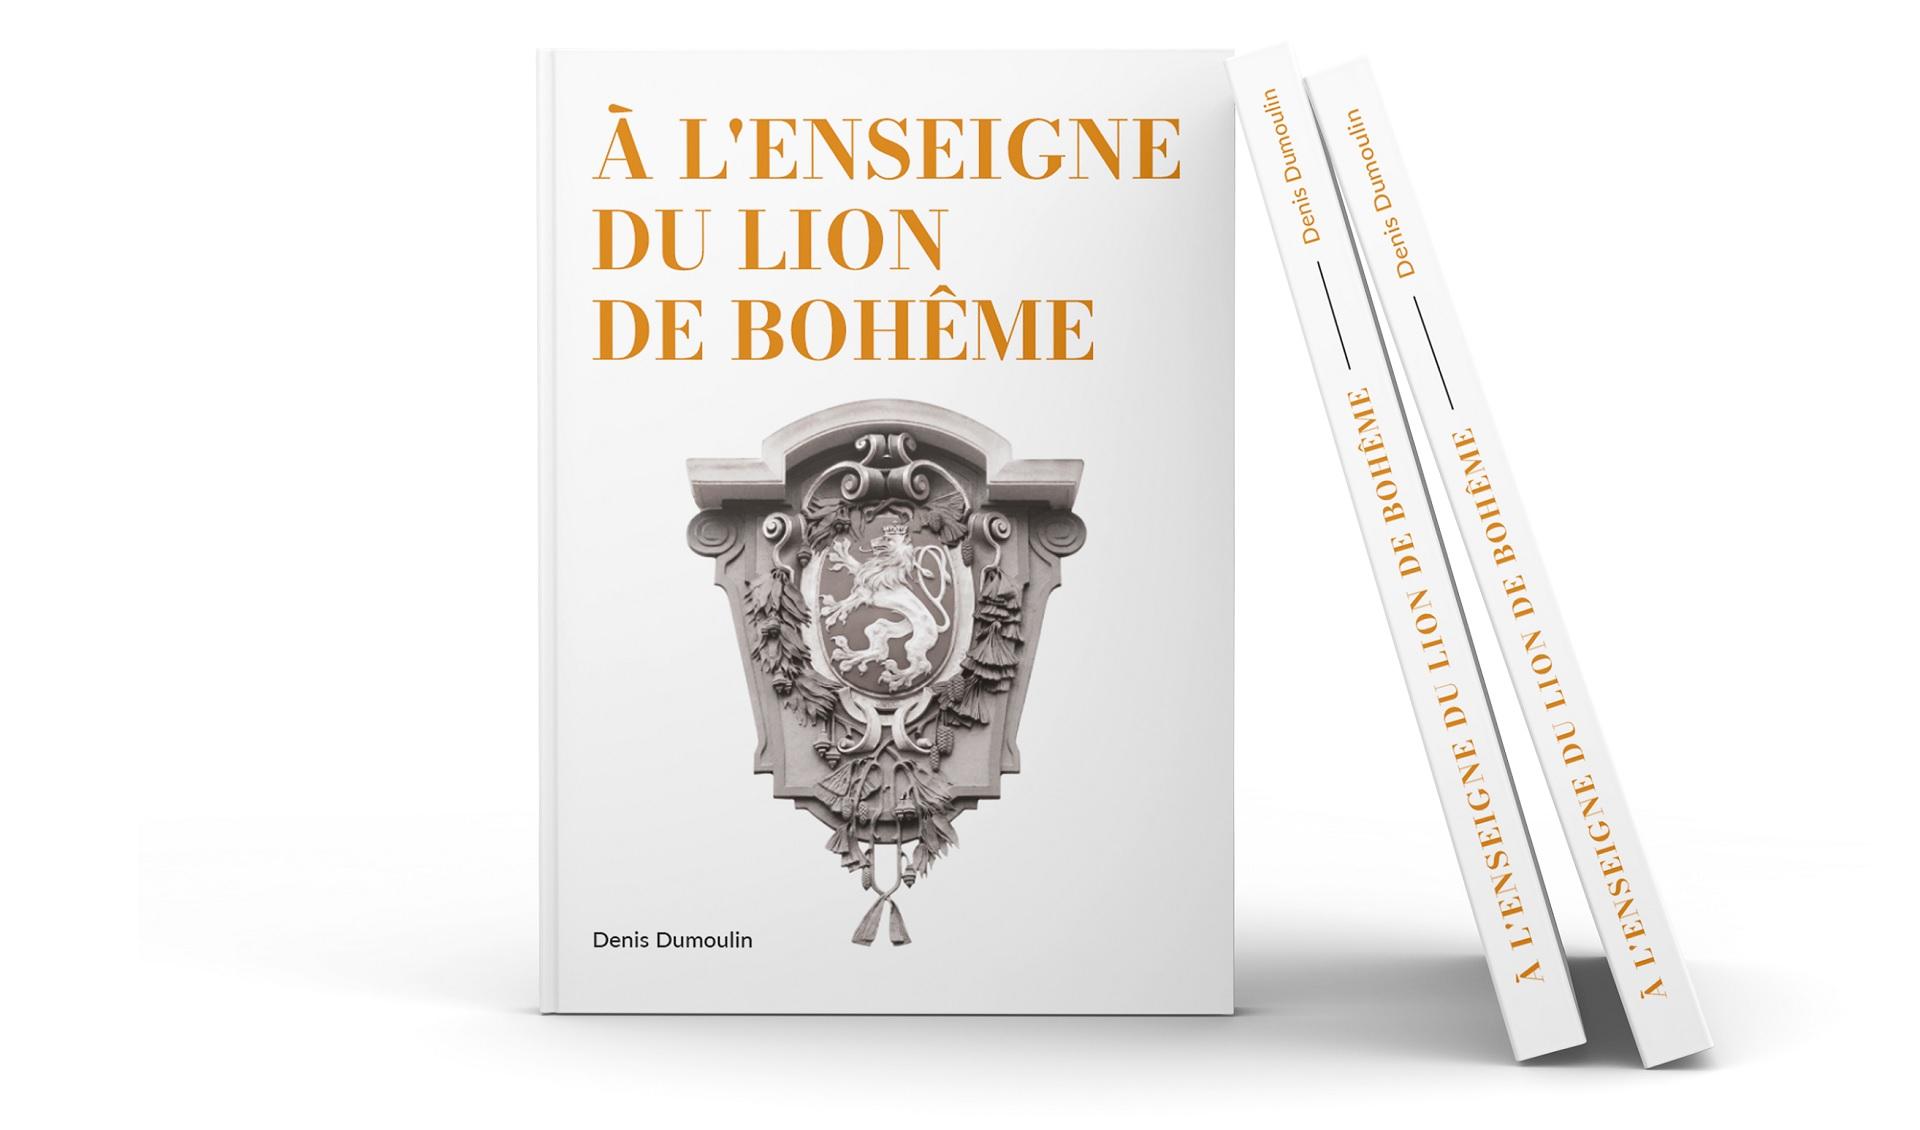 deni dumoulin book